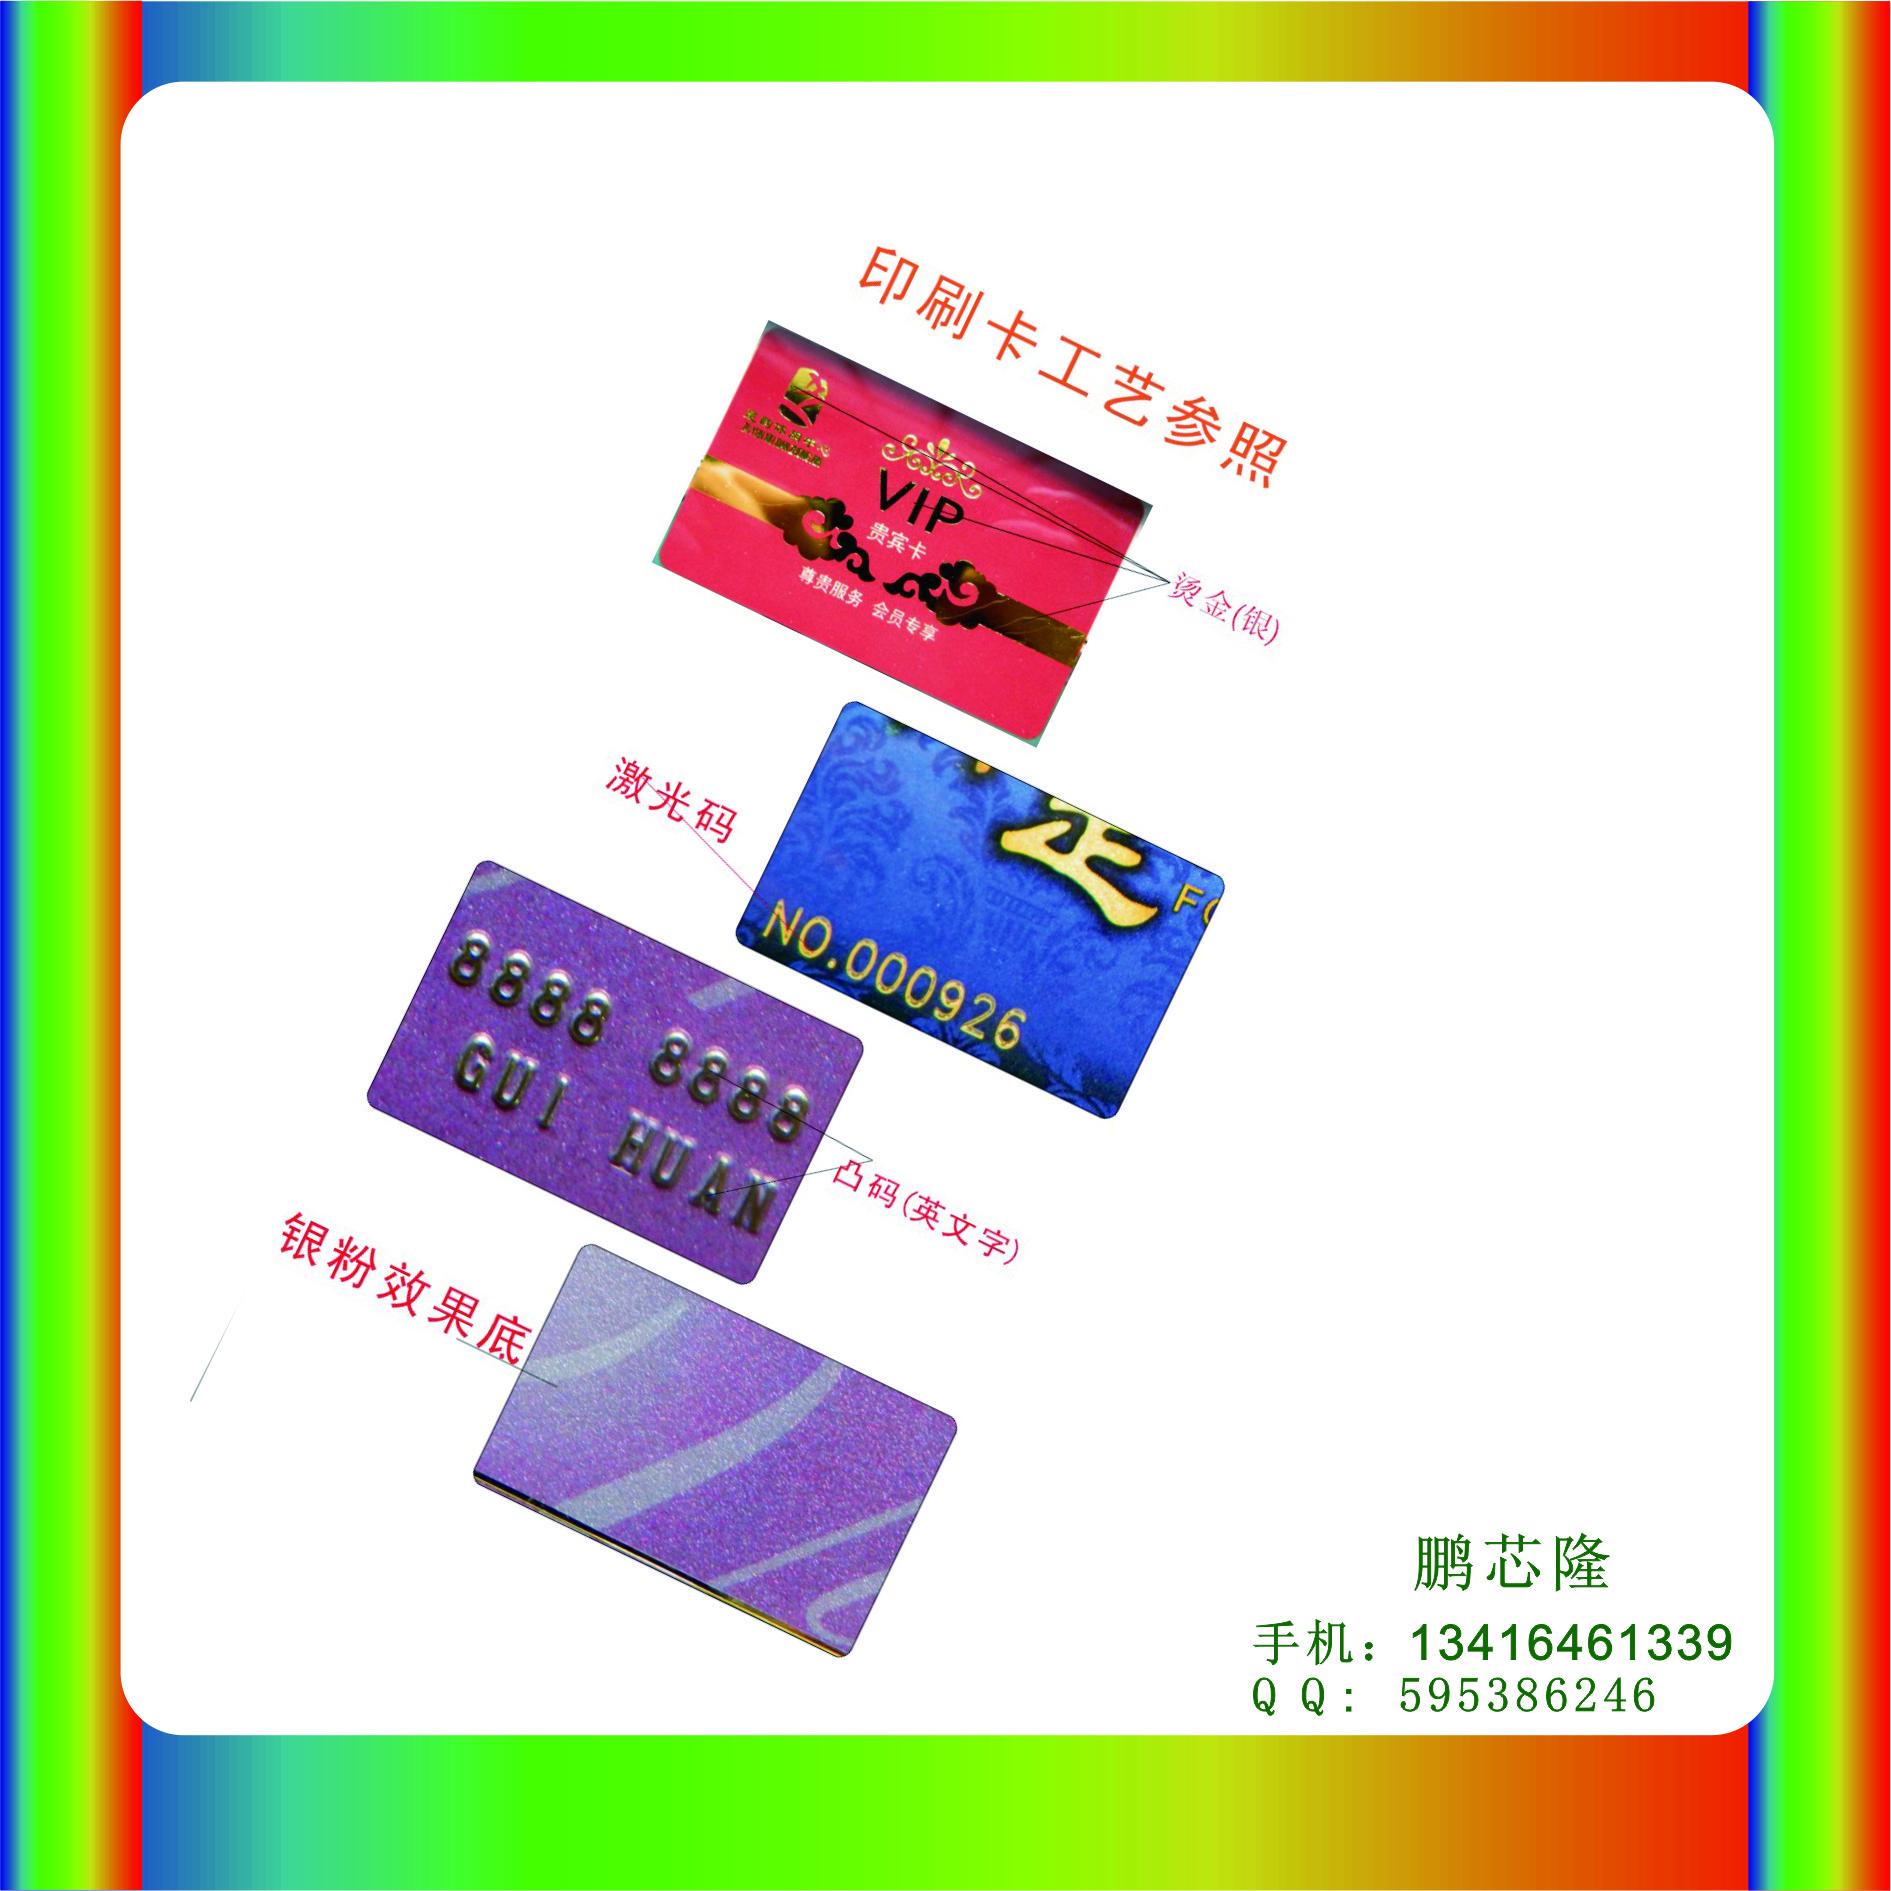 IC卡制作图片/IC卡制作样板图 (1)